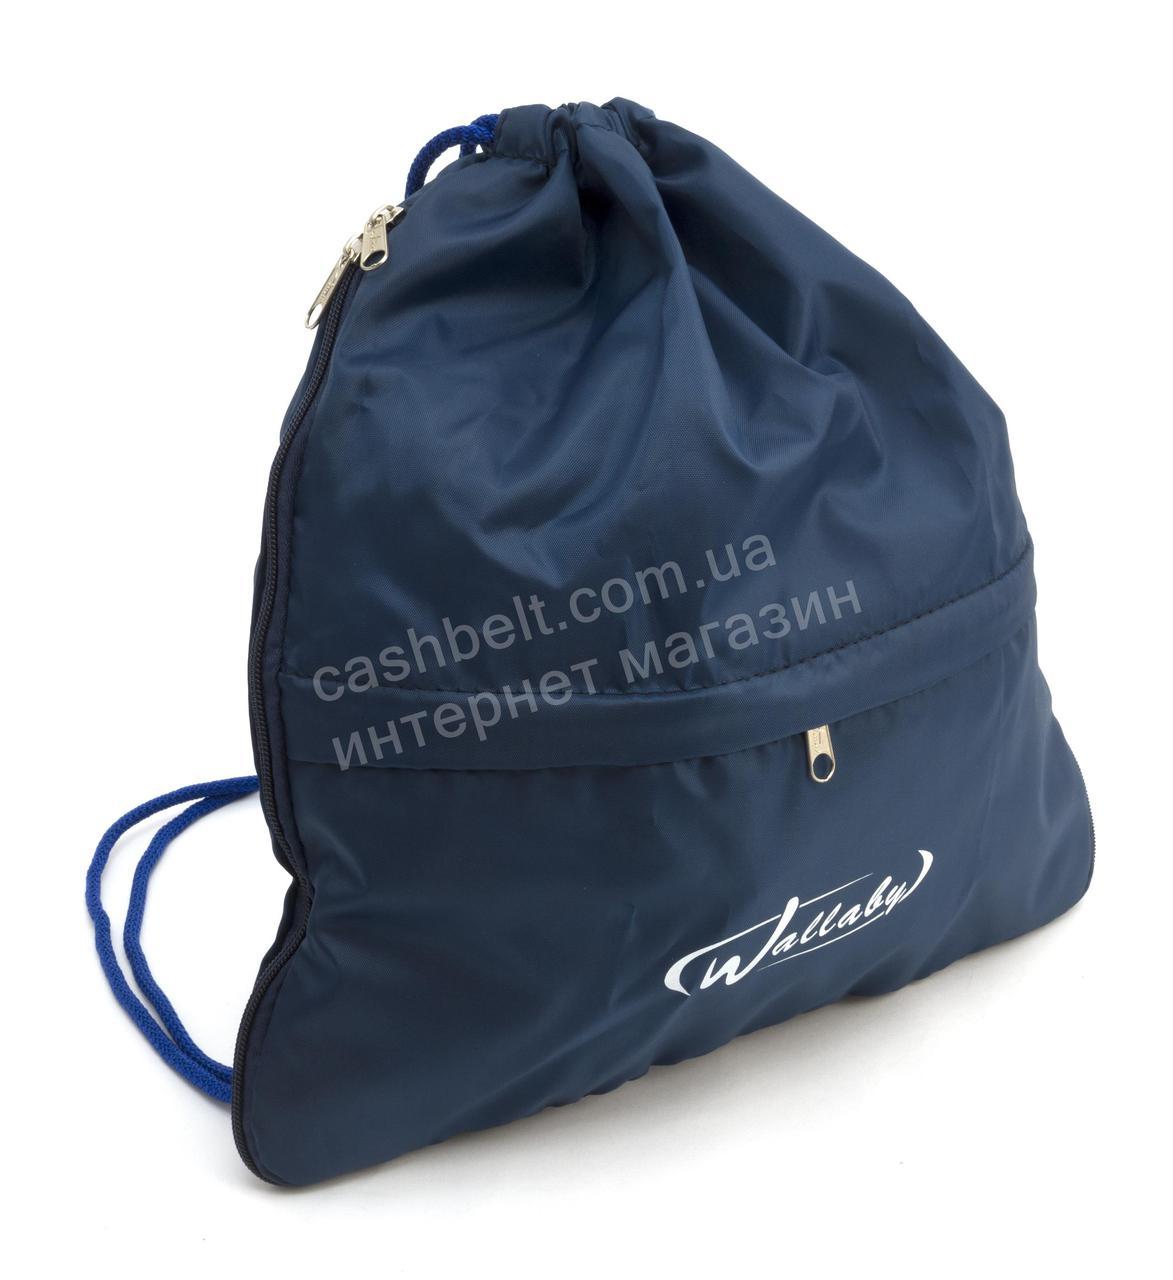 Спортивный мужской рюкзак для сменки WALLABY art. 2827 синий с расширением